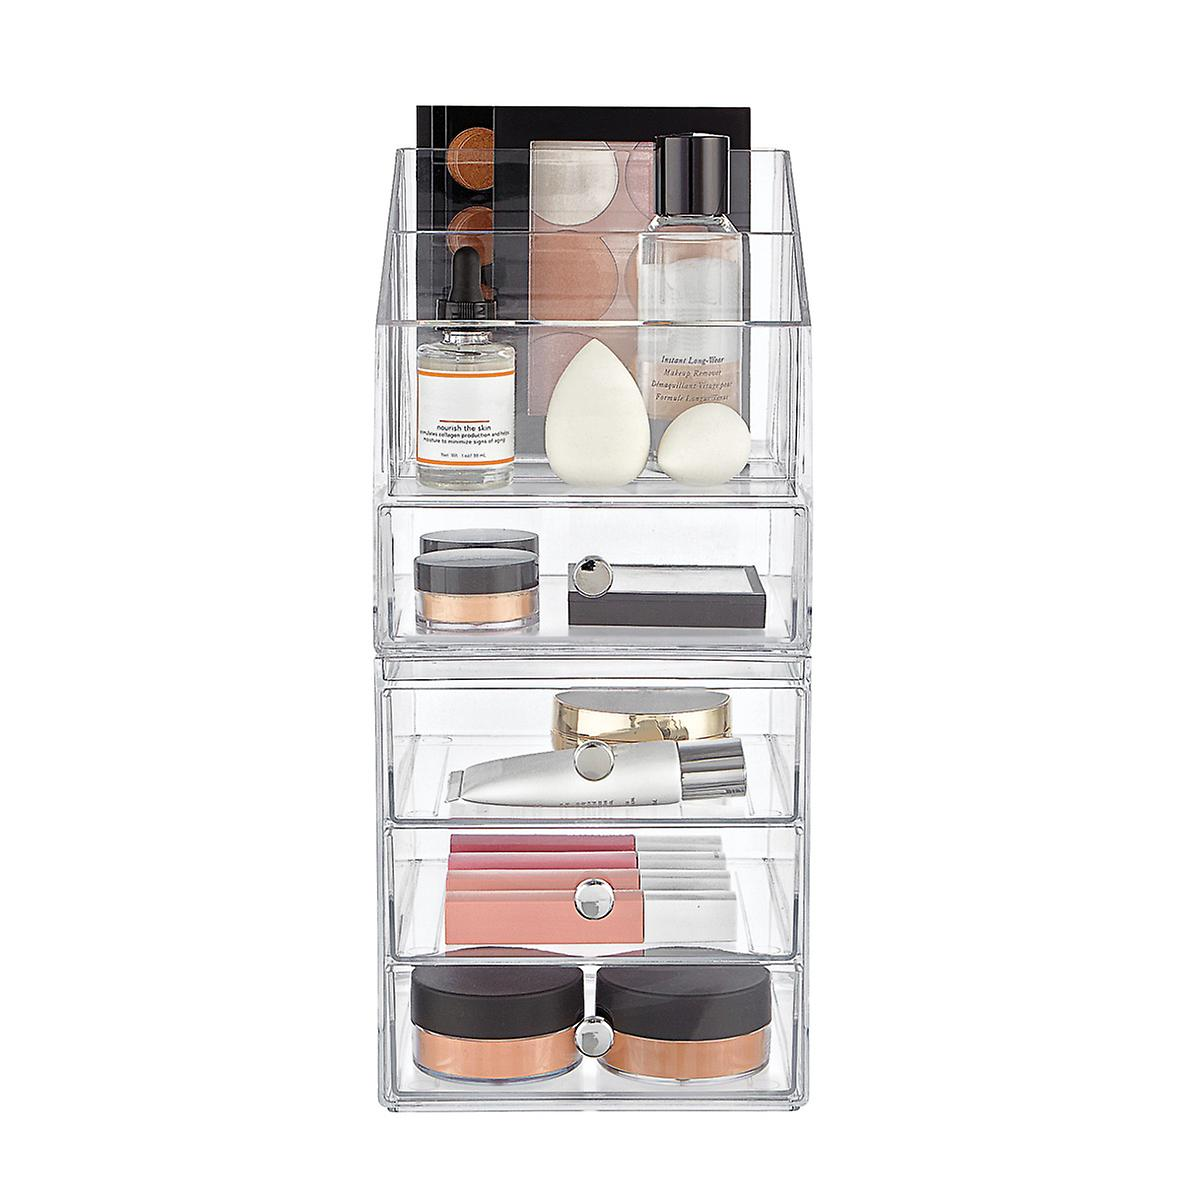 InterDesign Clarity 4-Drawer Makeup Storage Starter Kit